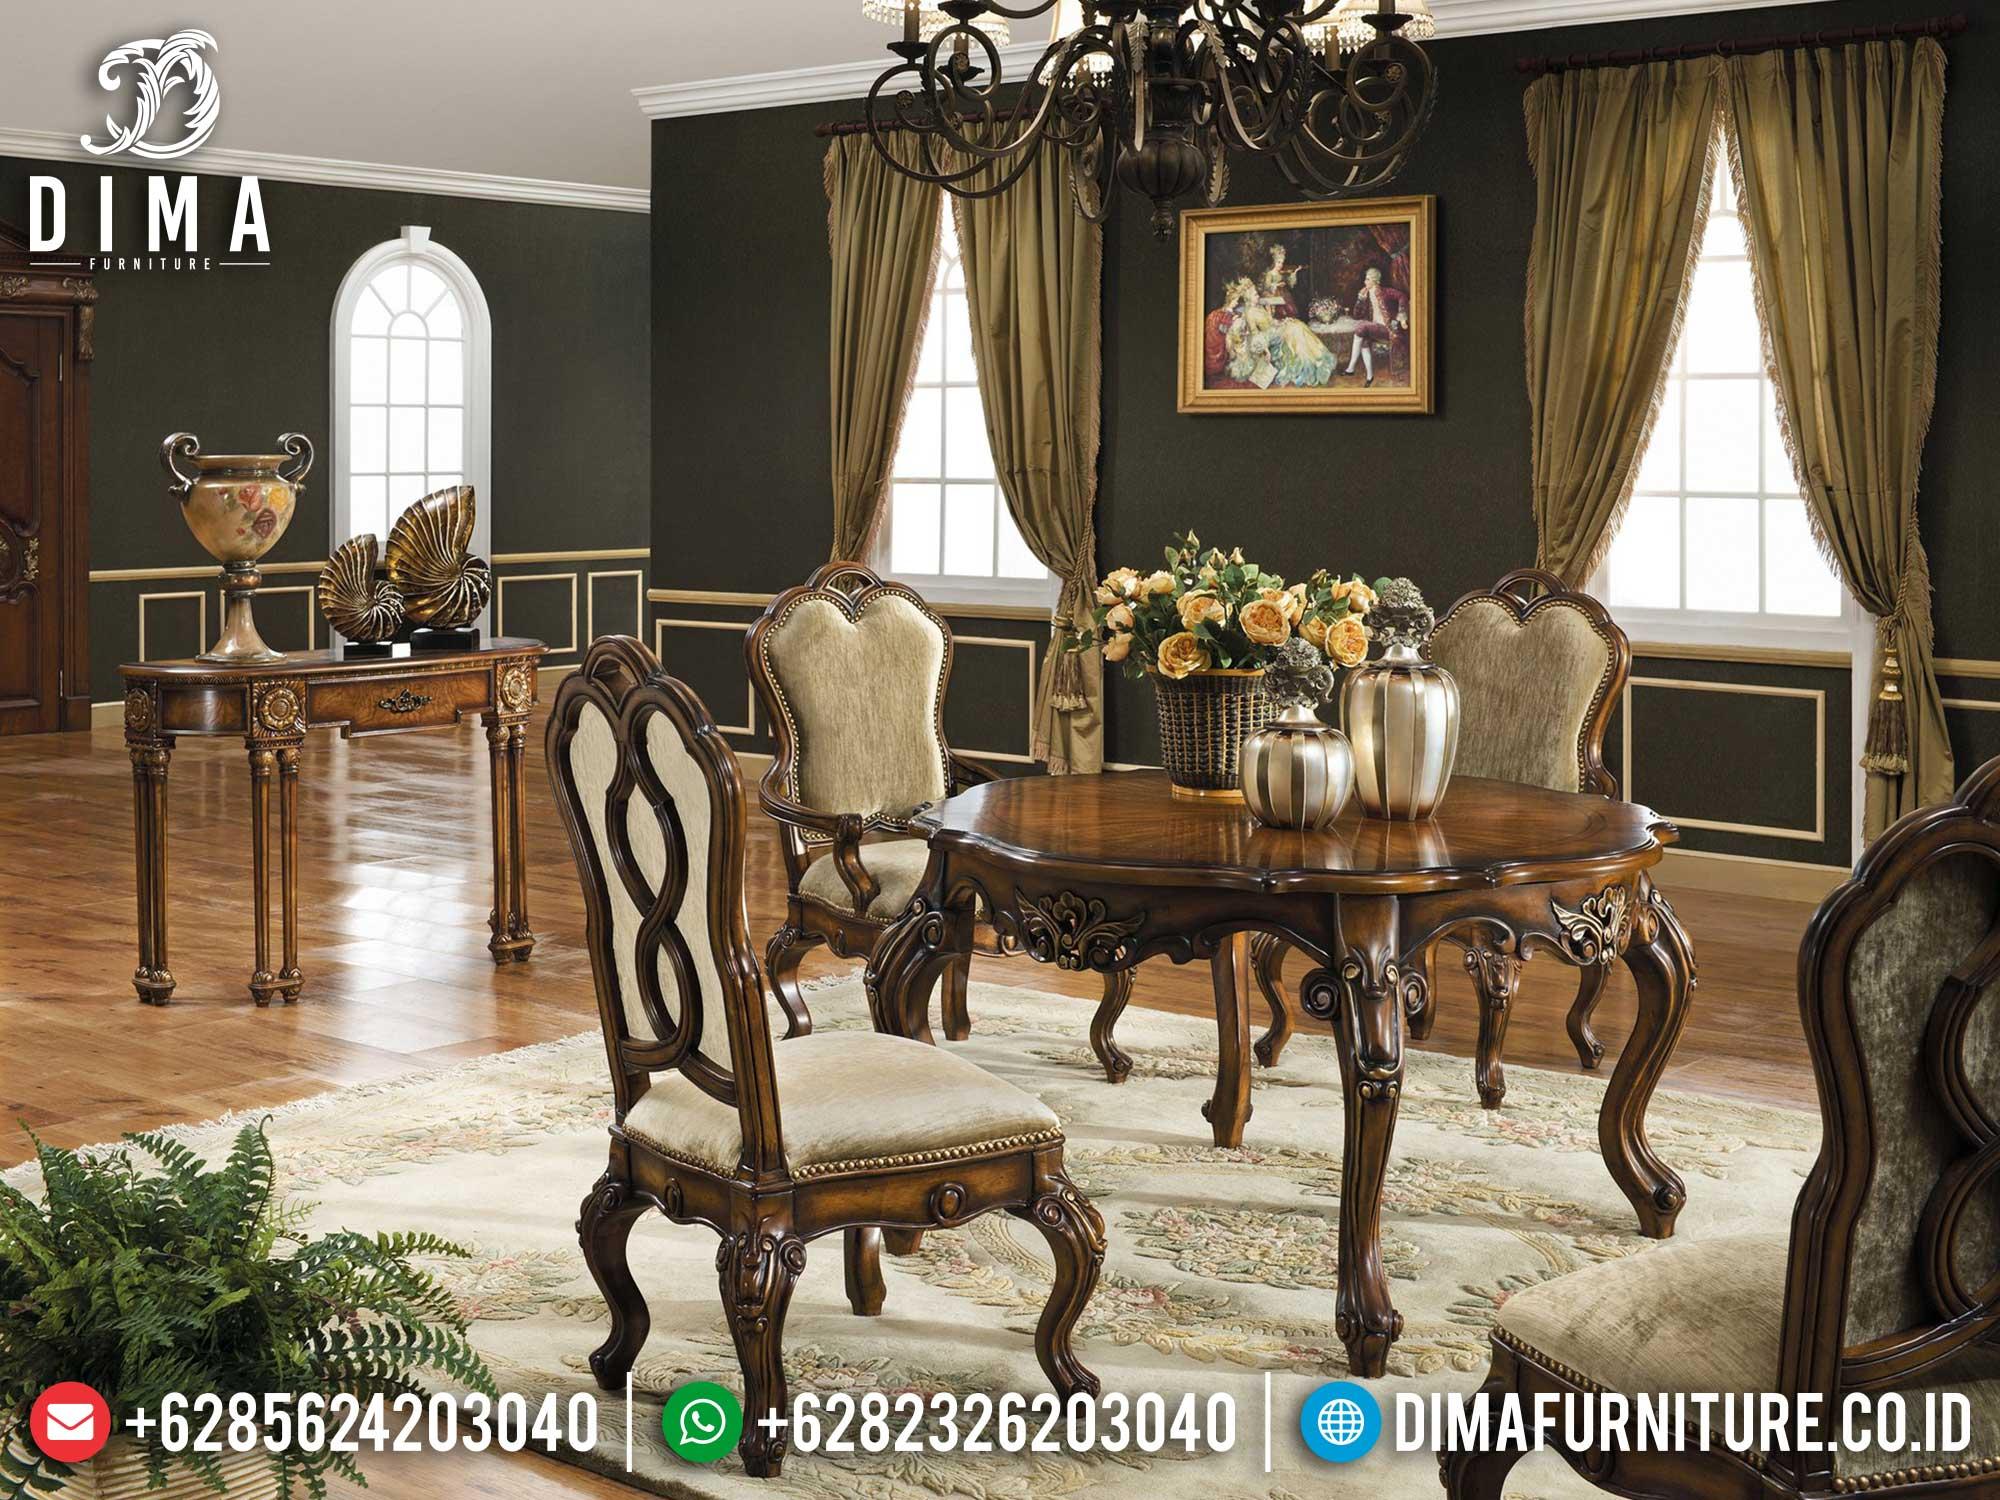 Meja Makan Minimalis Jati Klasik Natural Luxury Furniture Jepara Mm-1051